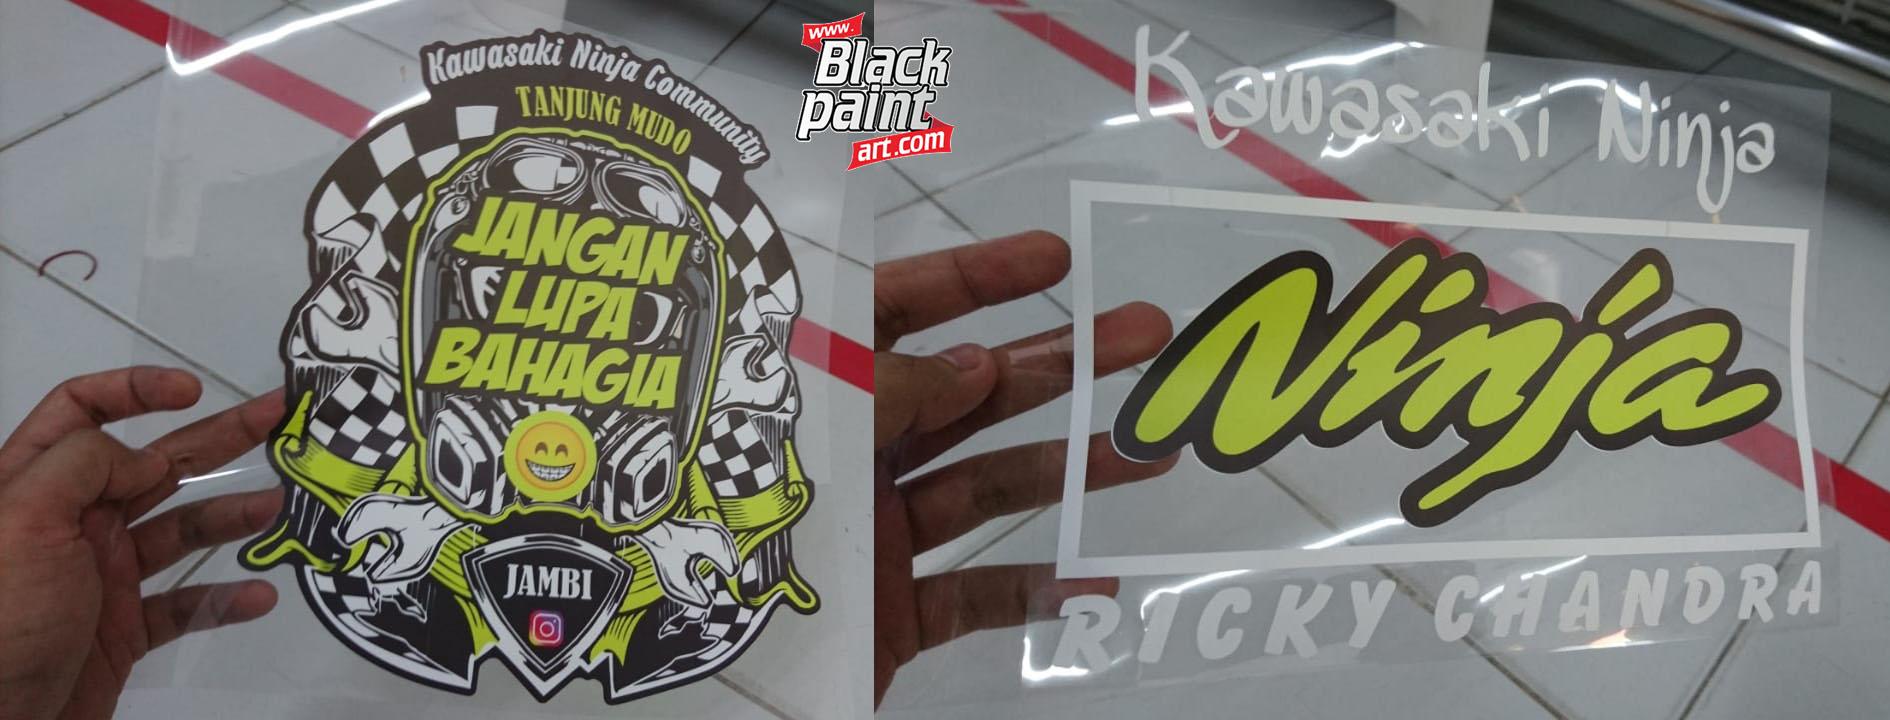 Hai warga kota pekanbaru! Buat kamu yang tergabung dalam komunitas biker, kamu bisa sablon kaos untuk komunitasmu agar semangat kebersamaan kamu makin terjalin, dan kalau kamu ingin sablon kaos untuk komunitasmu, kamu bisa memesannya di Blackpaint Print Shop.